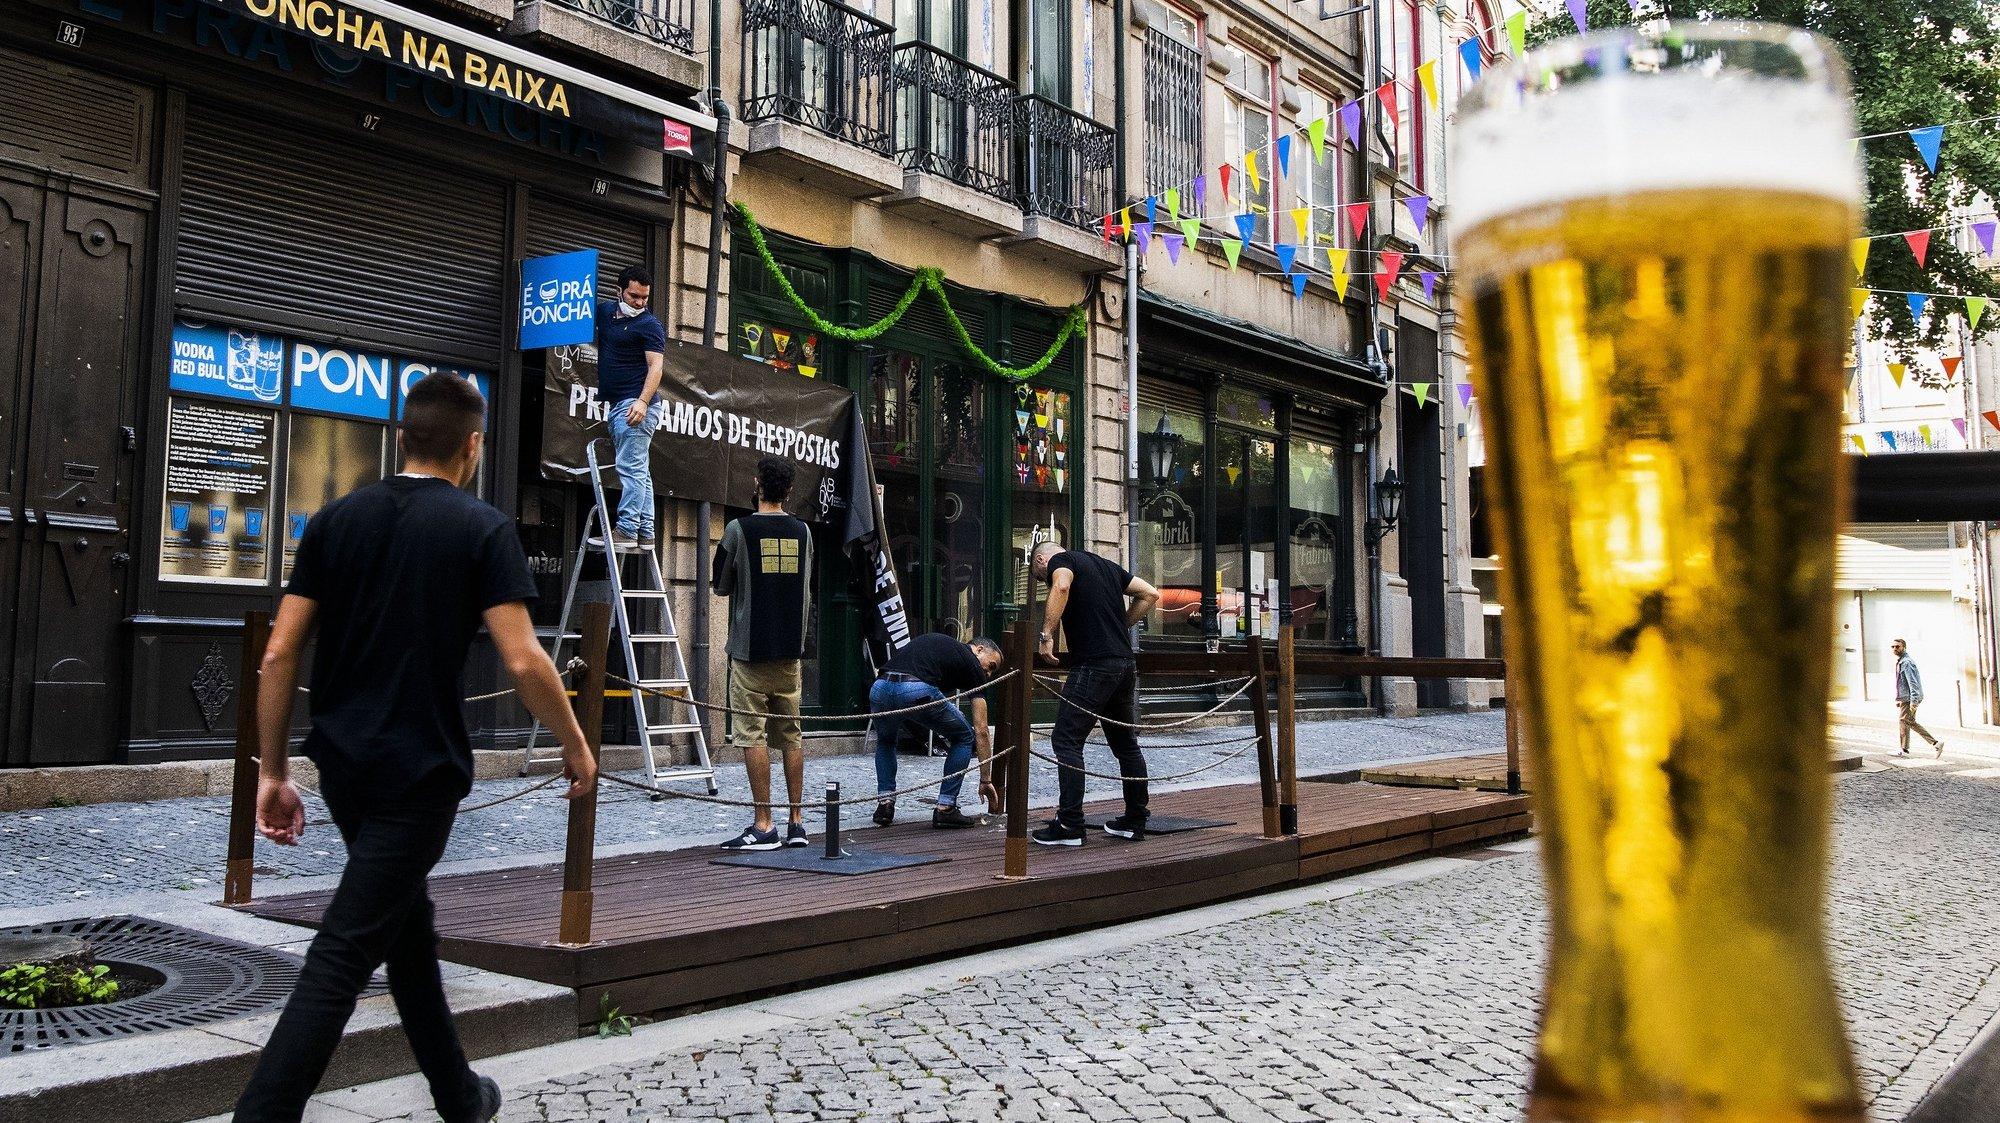 Ação de rua do setor de diversão noturna do Porto, promovida pela Associação de Bares e Discotecas da Movida do Porto (ABDM ), tem como objetivo demonstrar a total ausência de resposta às diversas solicitações feitas diretamente ao Governo para que as propostas para reabertura do setor de diversão noturna sejam ouvidas, Porto, 23 de julho de 2021. RUI FARINHA/LUSA